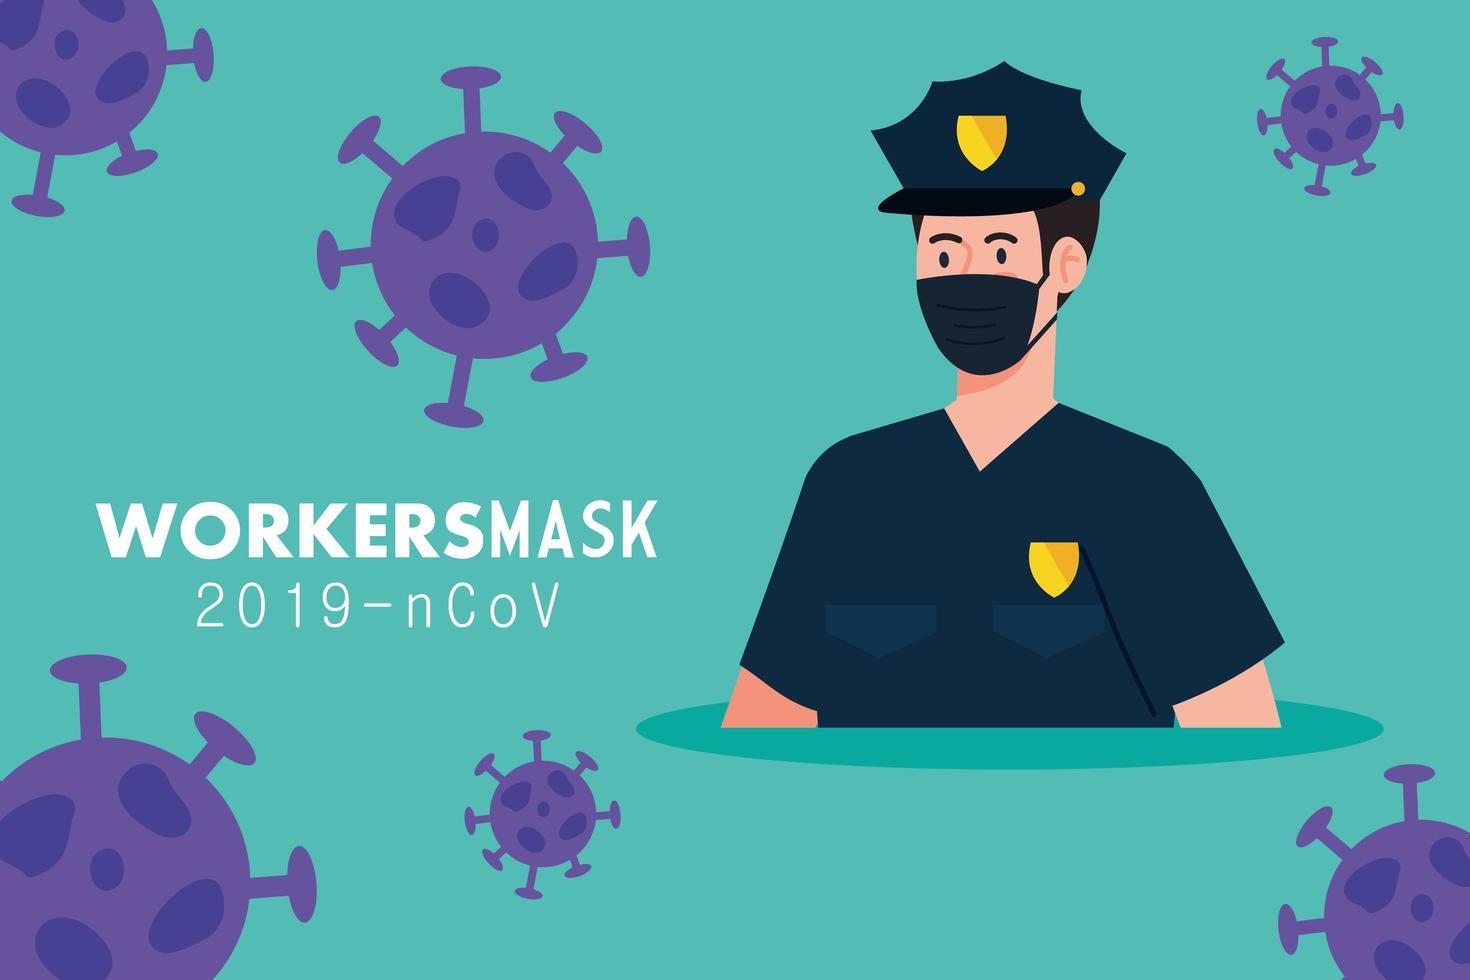 Polizist mit medizinischer Maske gegen Covid 19 vektor